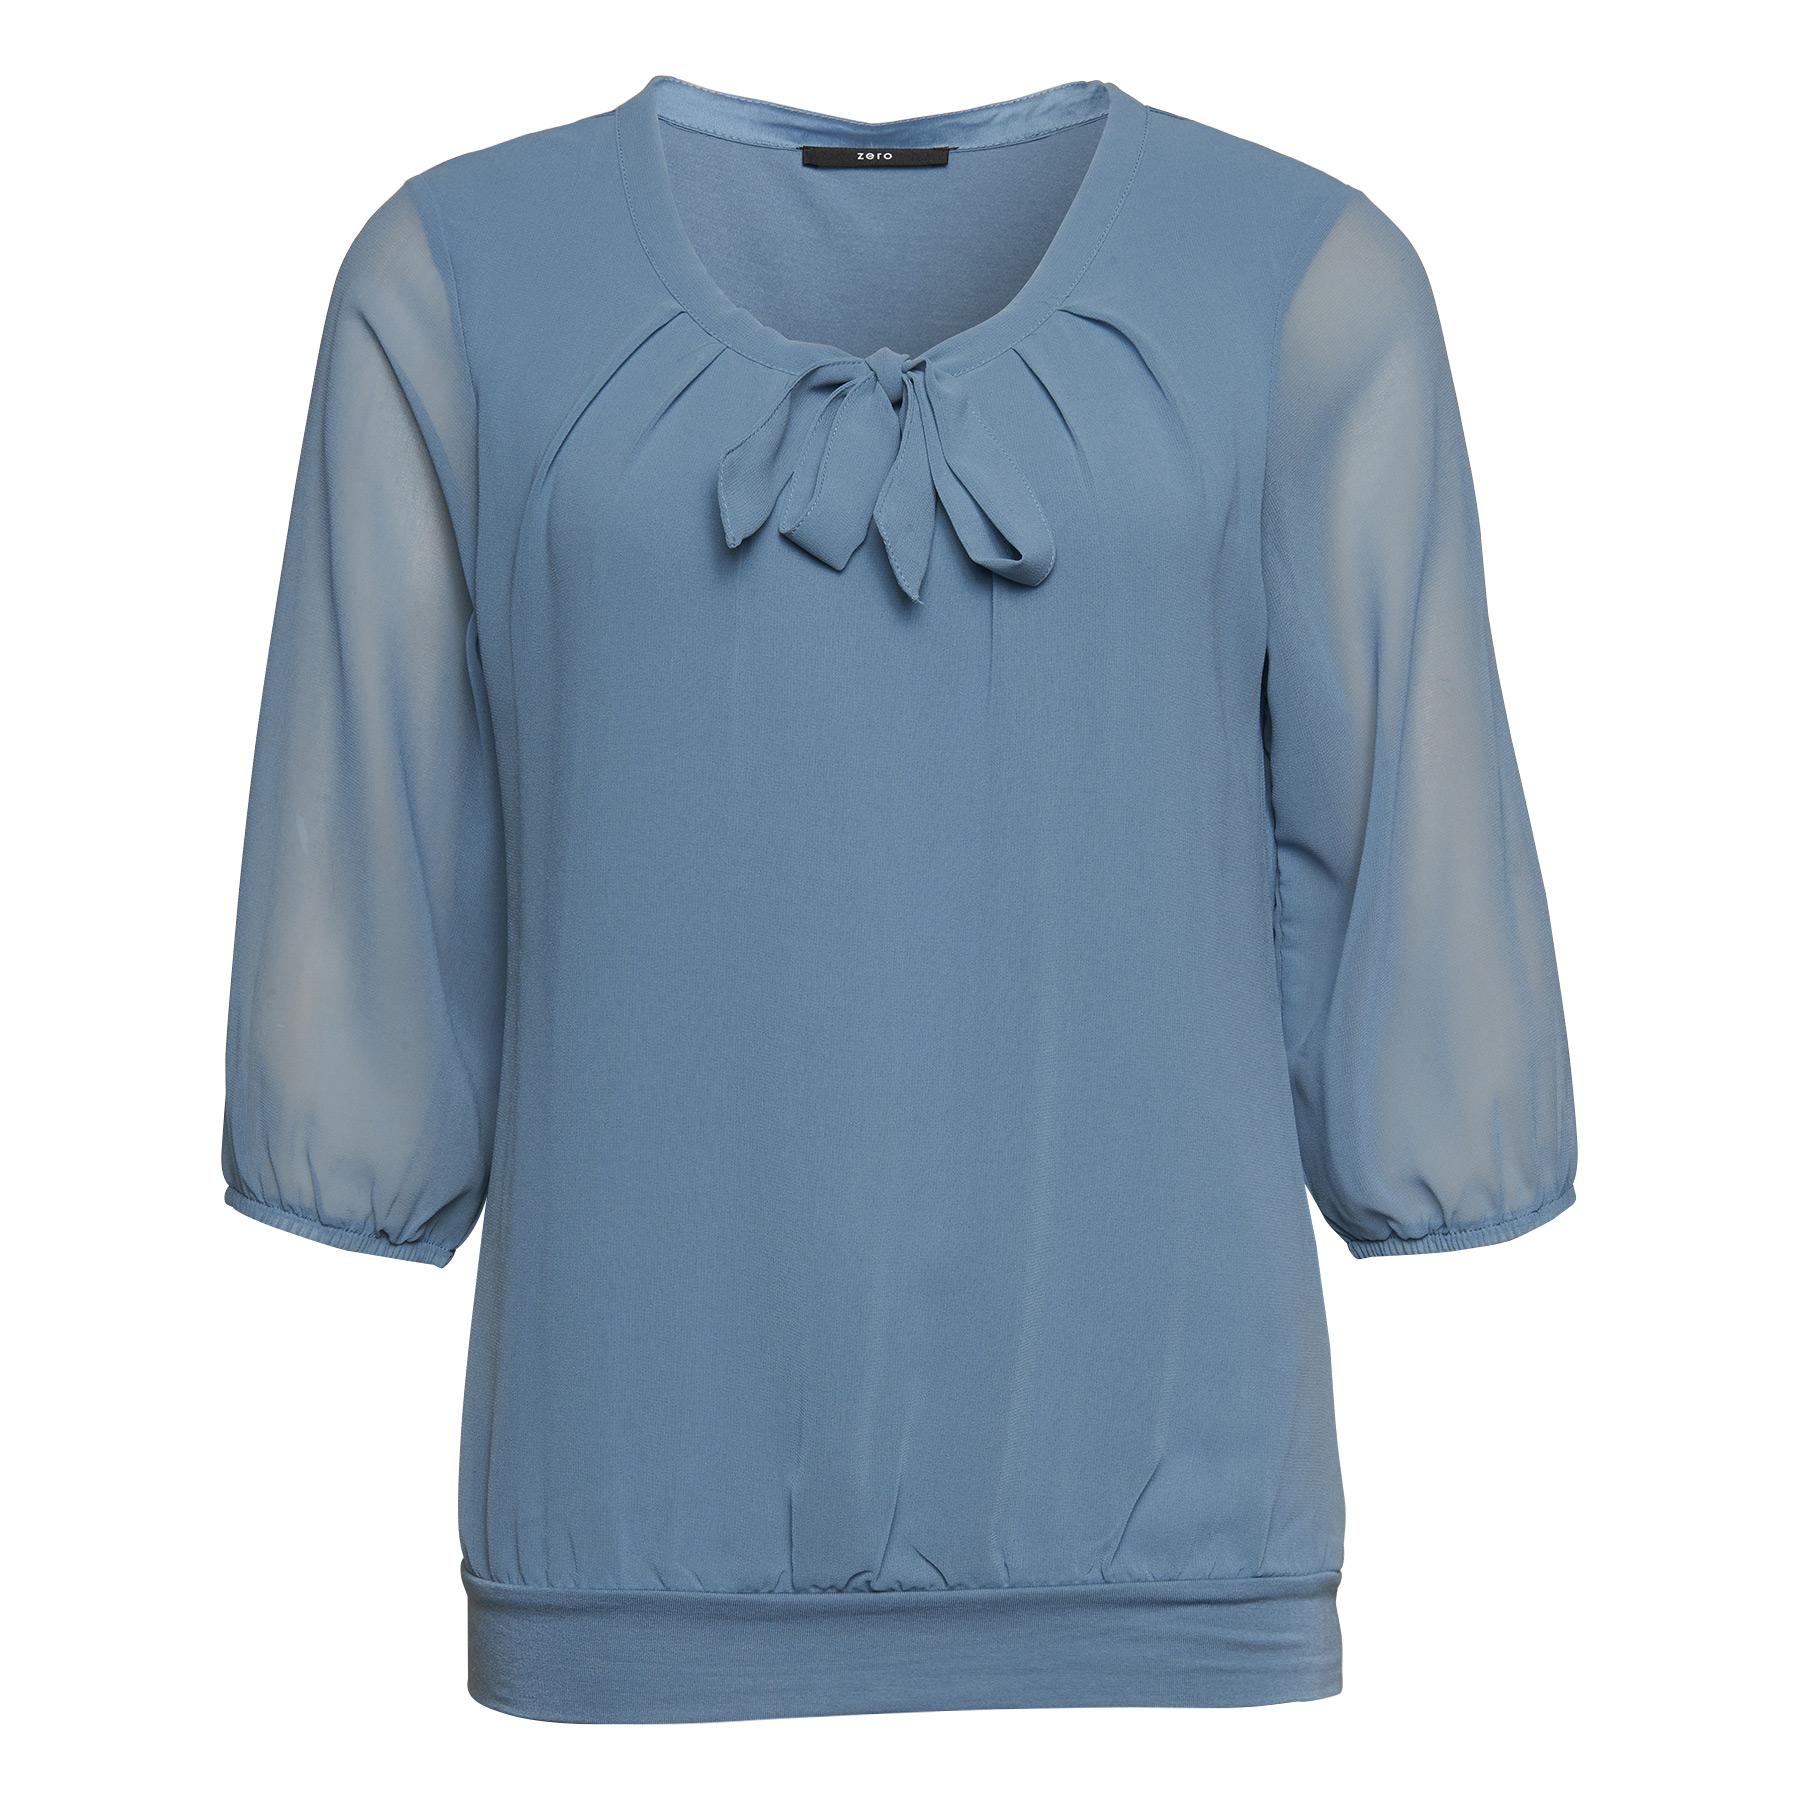 Bluse Celeste mit Schluppenkragen dusk blue